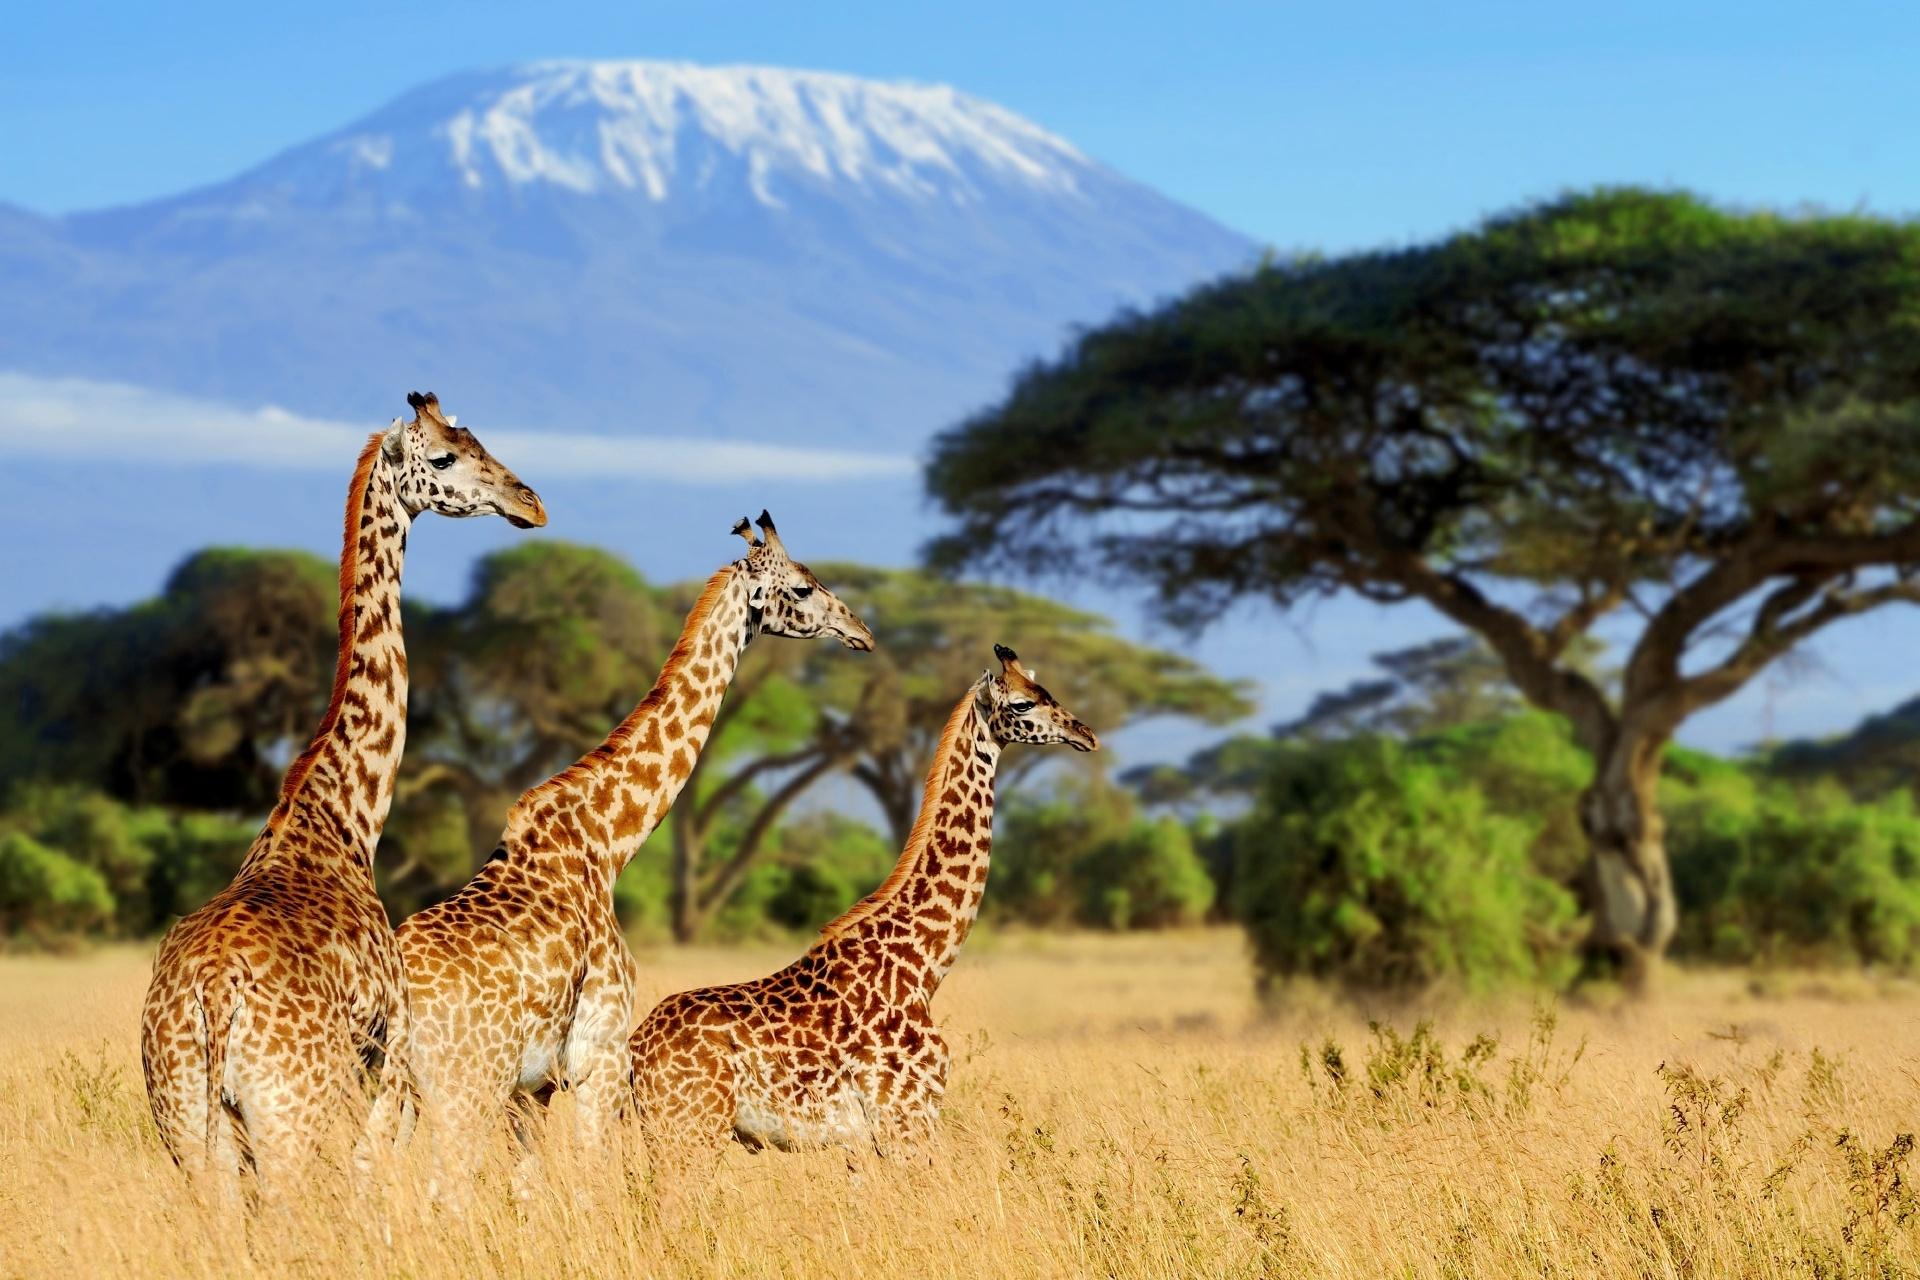 キリマンジャロとキリン マウント・ケニア国立公園 ケニア